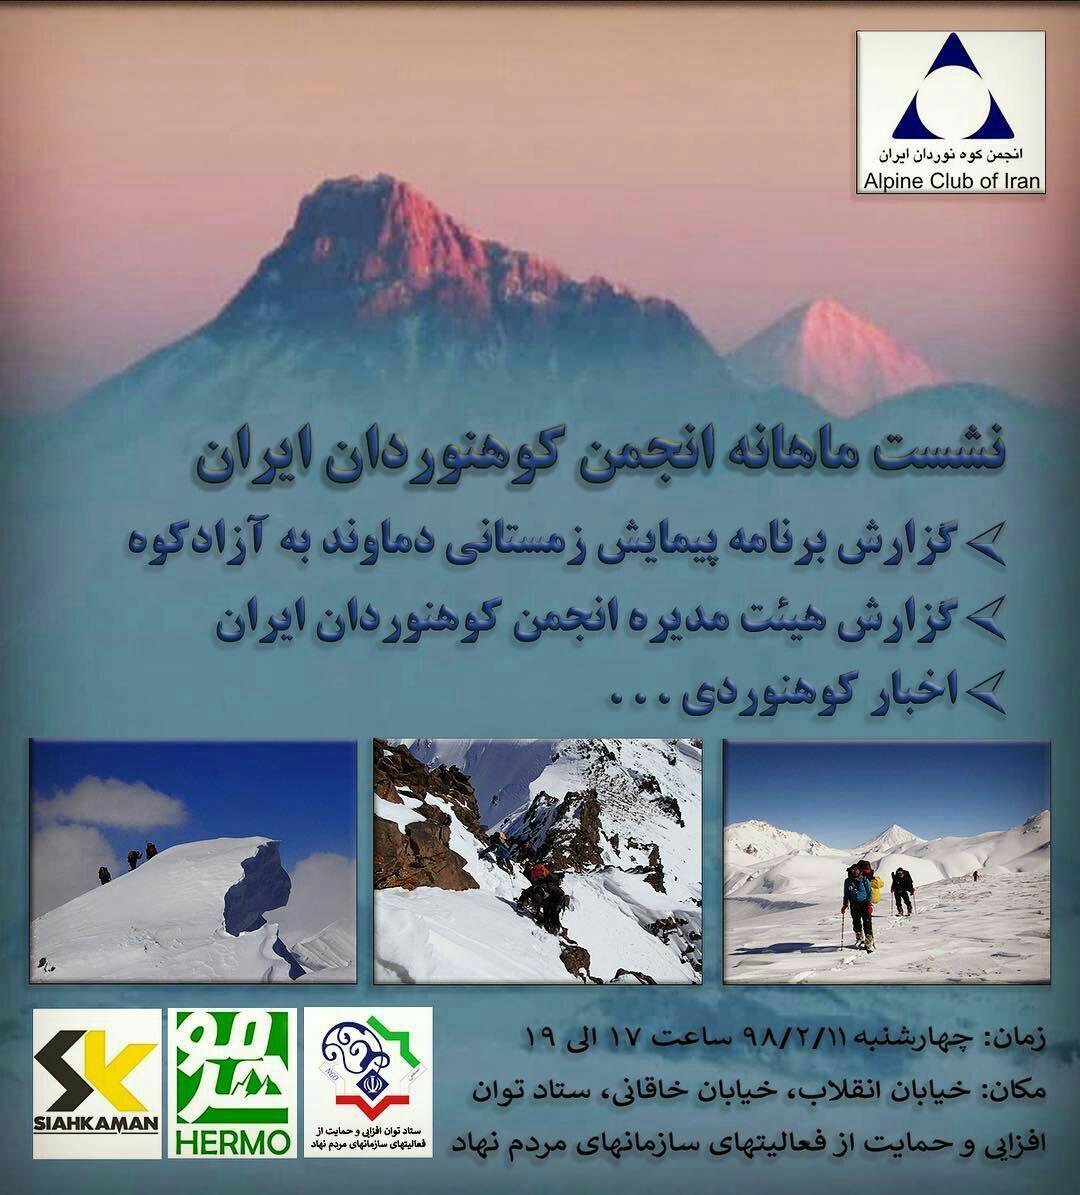 گزارش برنامه پیمایش زمستانی دماوند به آزادکوه